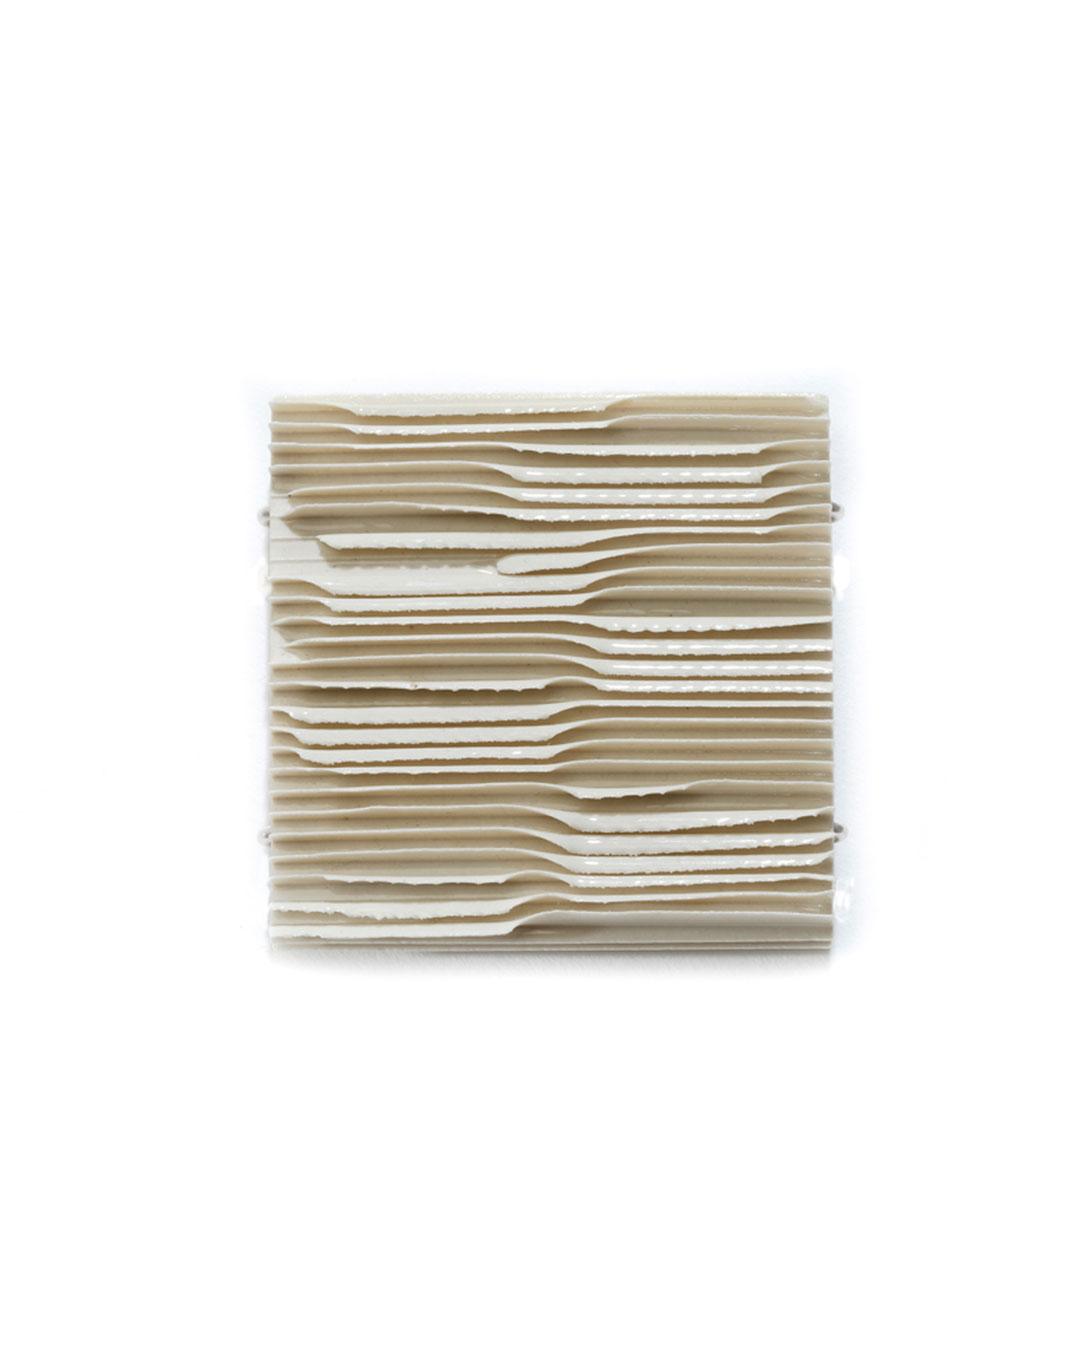 Silke Trekel, untitled, 2017, brooch; porcelain, silver, 59 x 61 x 7 mm, €775